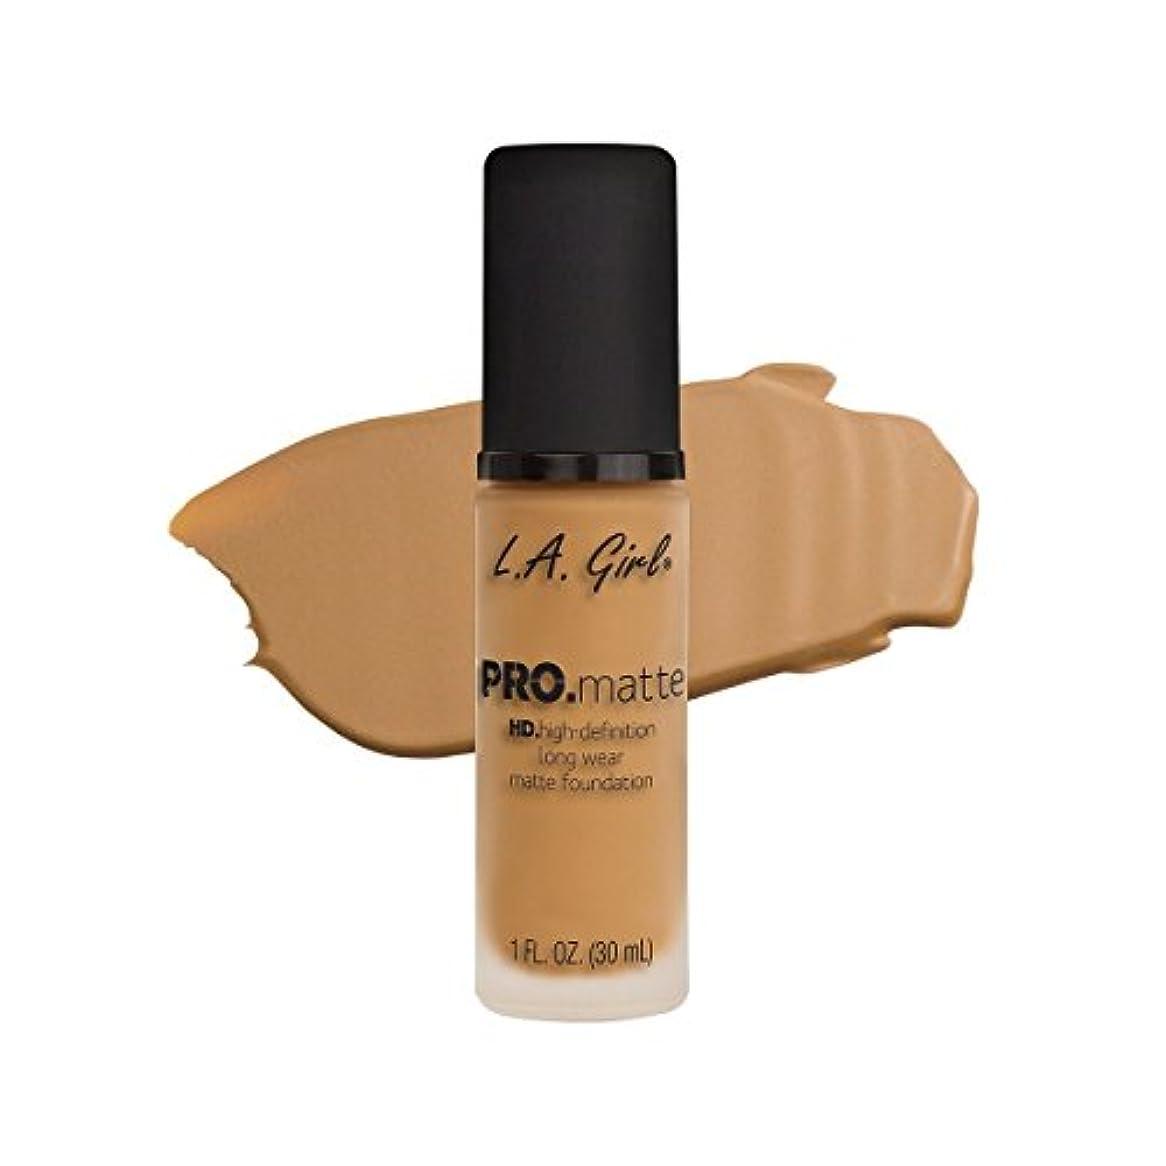 放射する再現する不利(6 Pack) L.A. GIRL Pro Matte Foundation - Light Tan (並行輸入品)